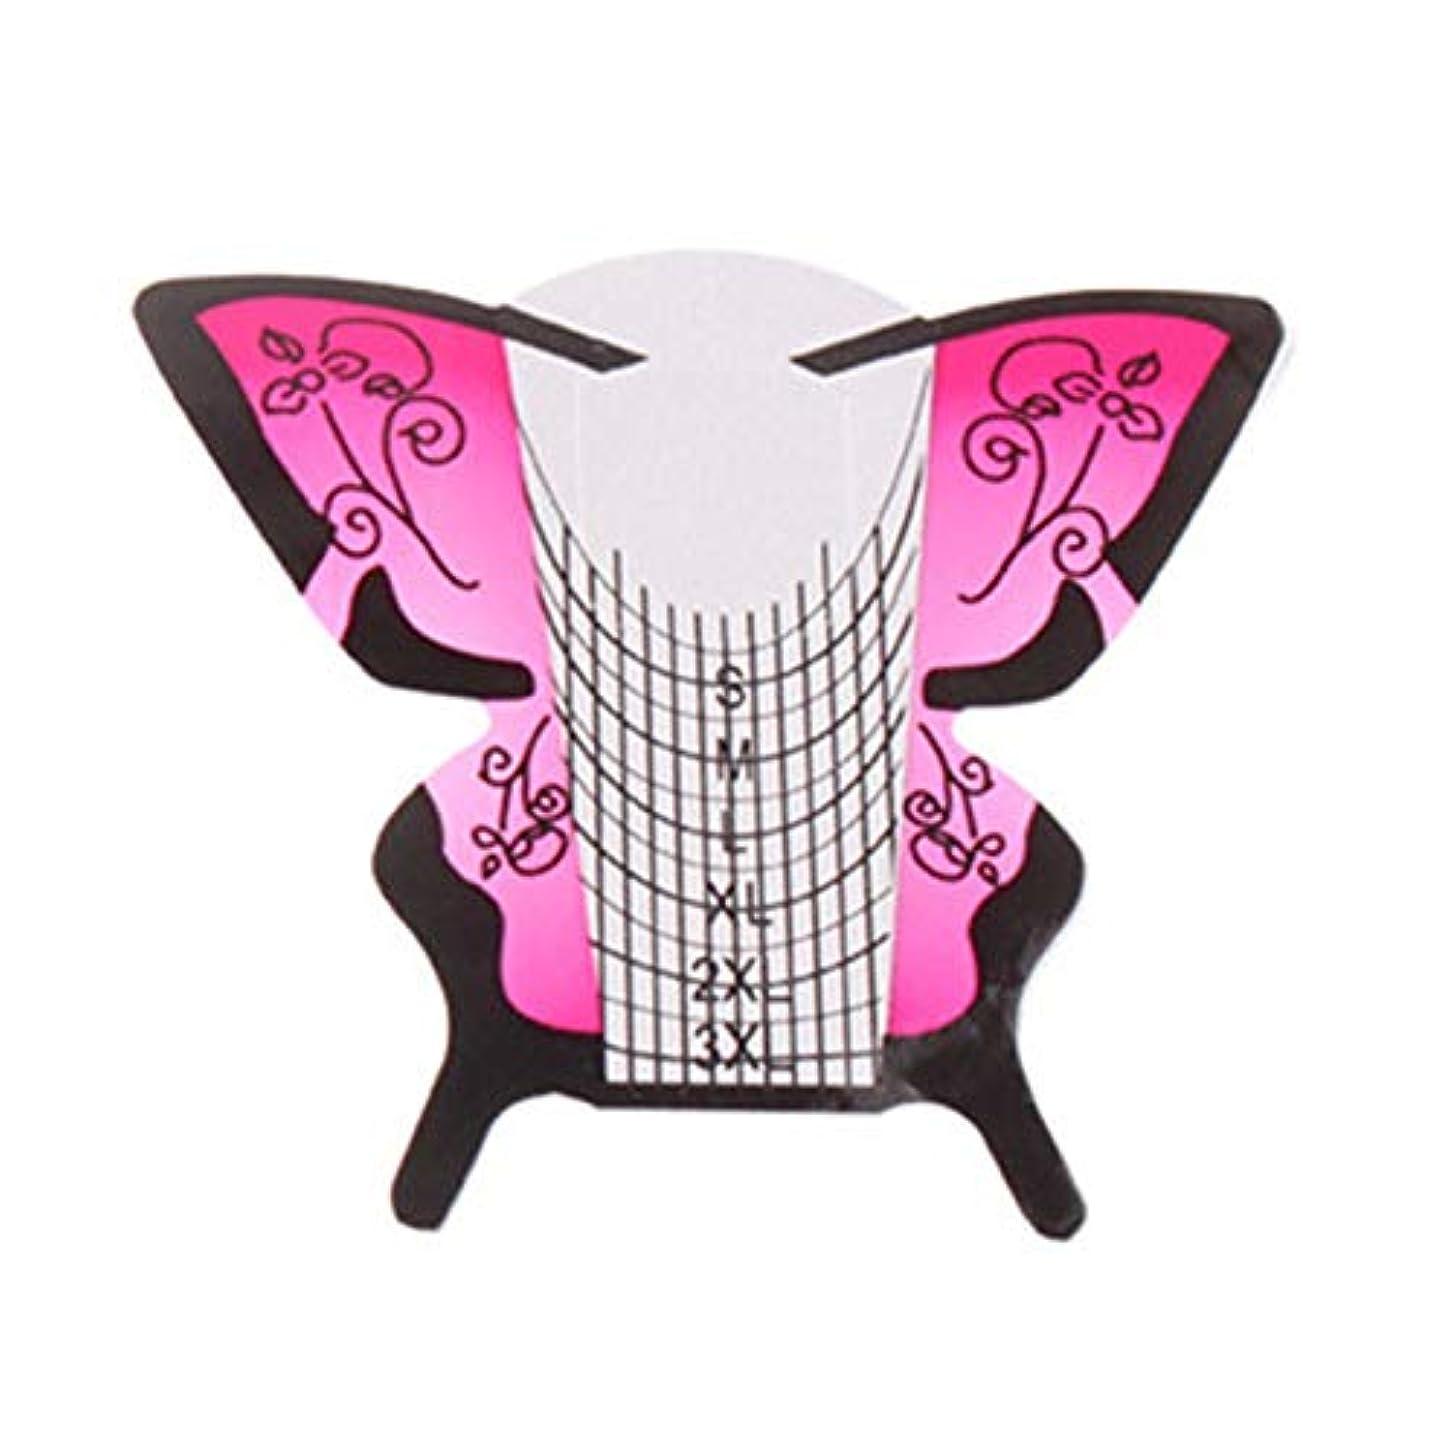 規範潮成熟したNrpfell 300個/ロール ネイルアートフォーム蝶彫刻のヒントステッカーガイド拡張アクリルUVジェルツール 給紙トレイB